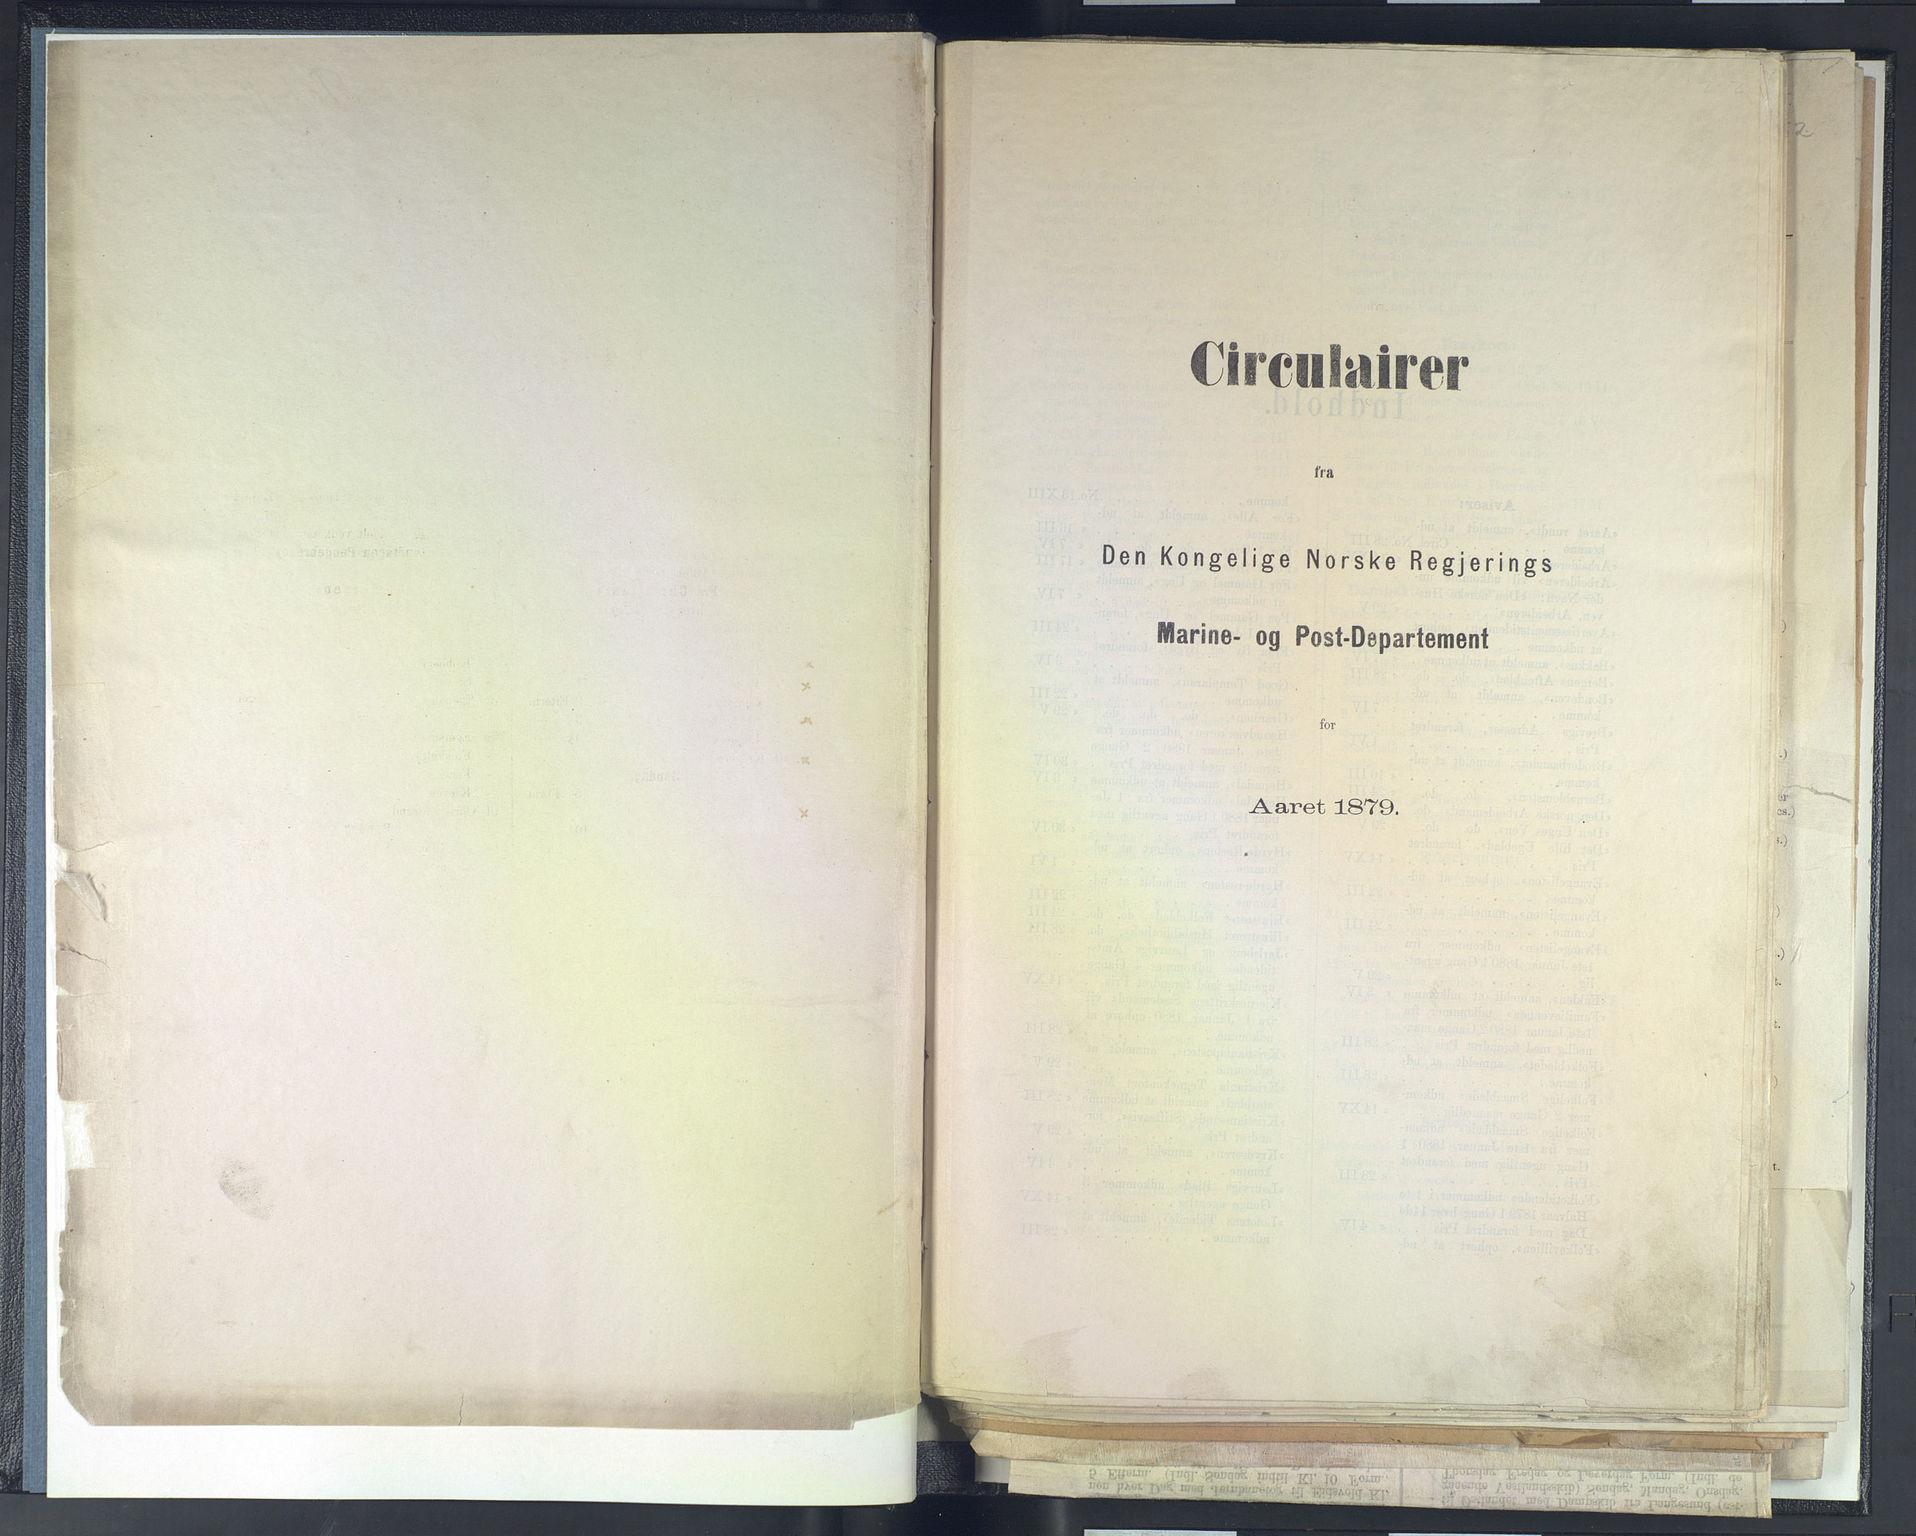 NOPO, Norges Postmuseums bibliotek, -/-: Sirkulærer fra Den Kongelige Norske Regjerings Marine- og Postdepartement, 1879